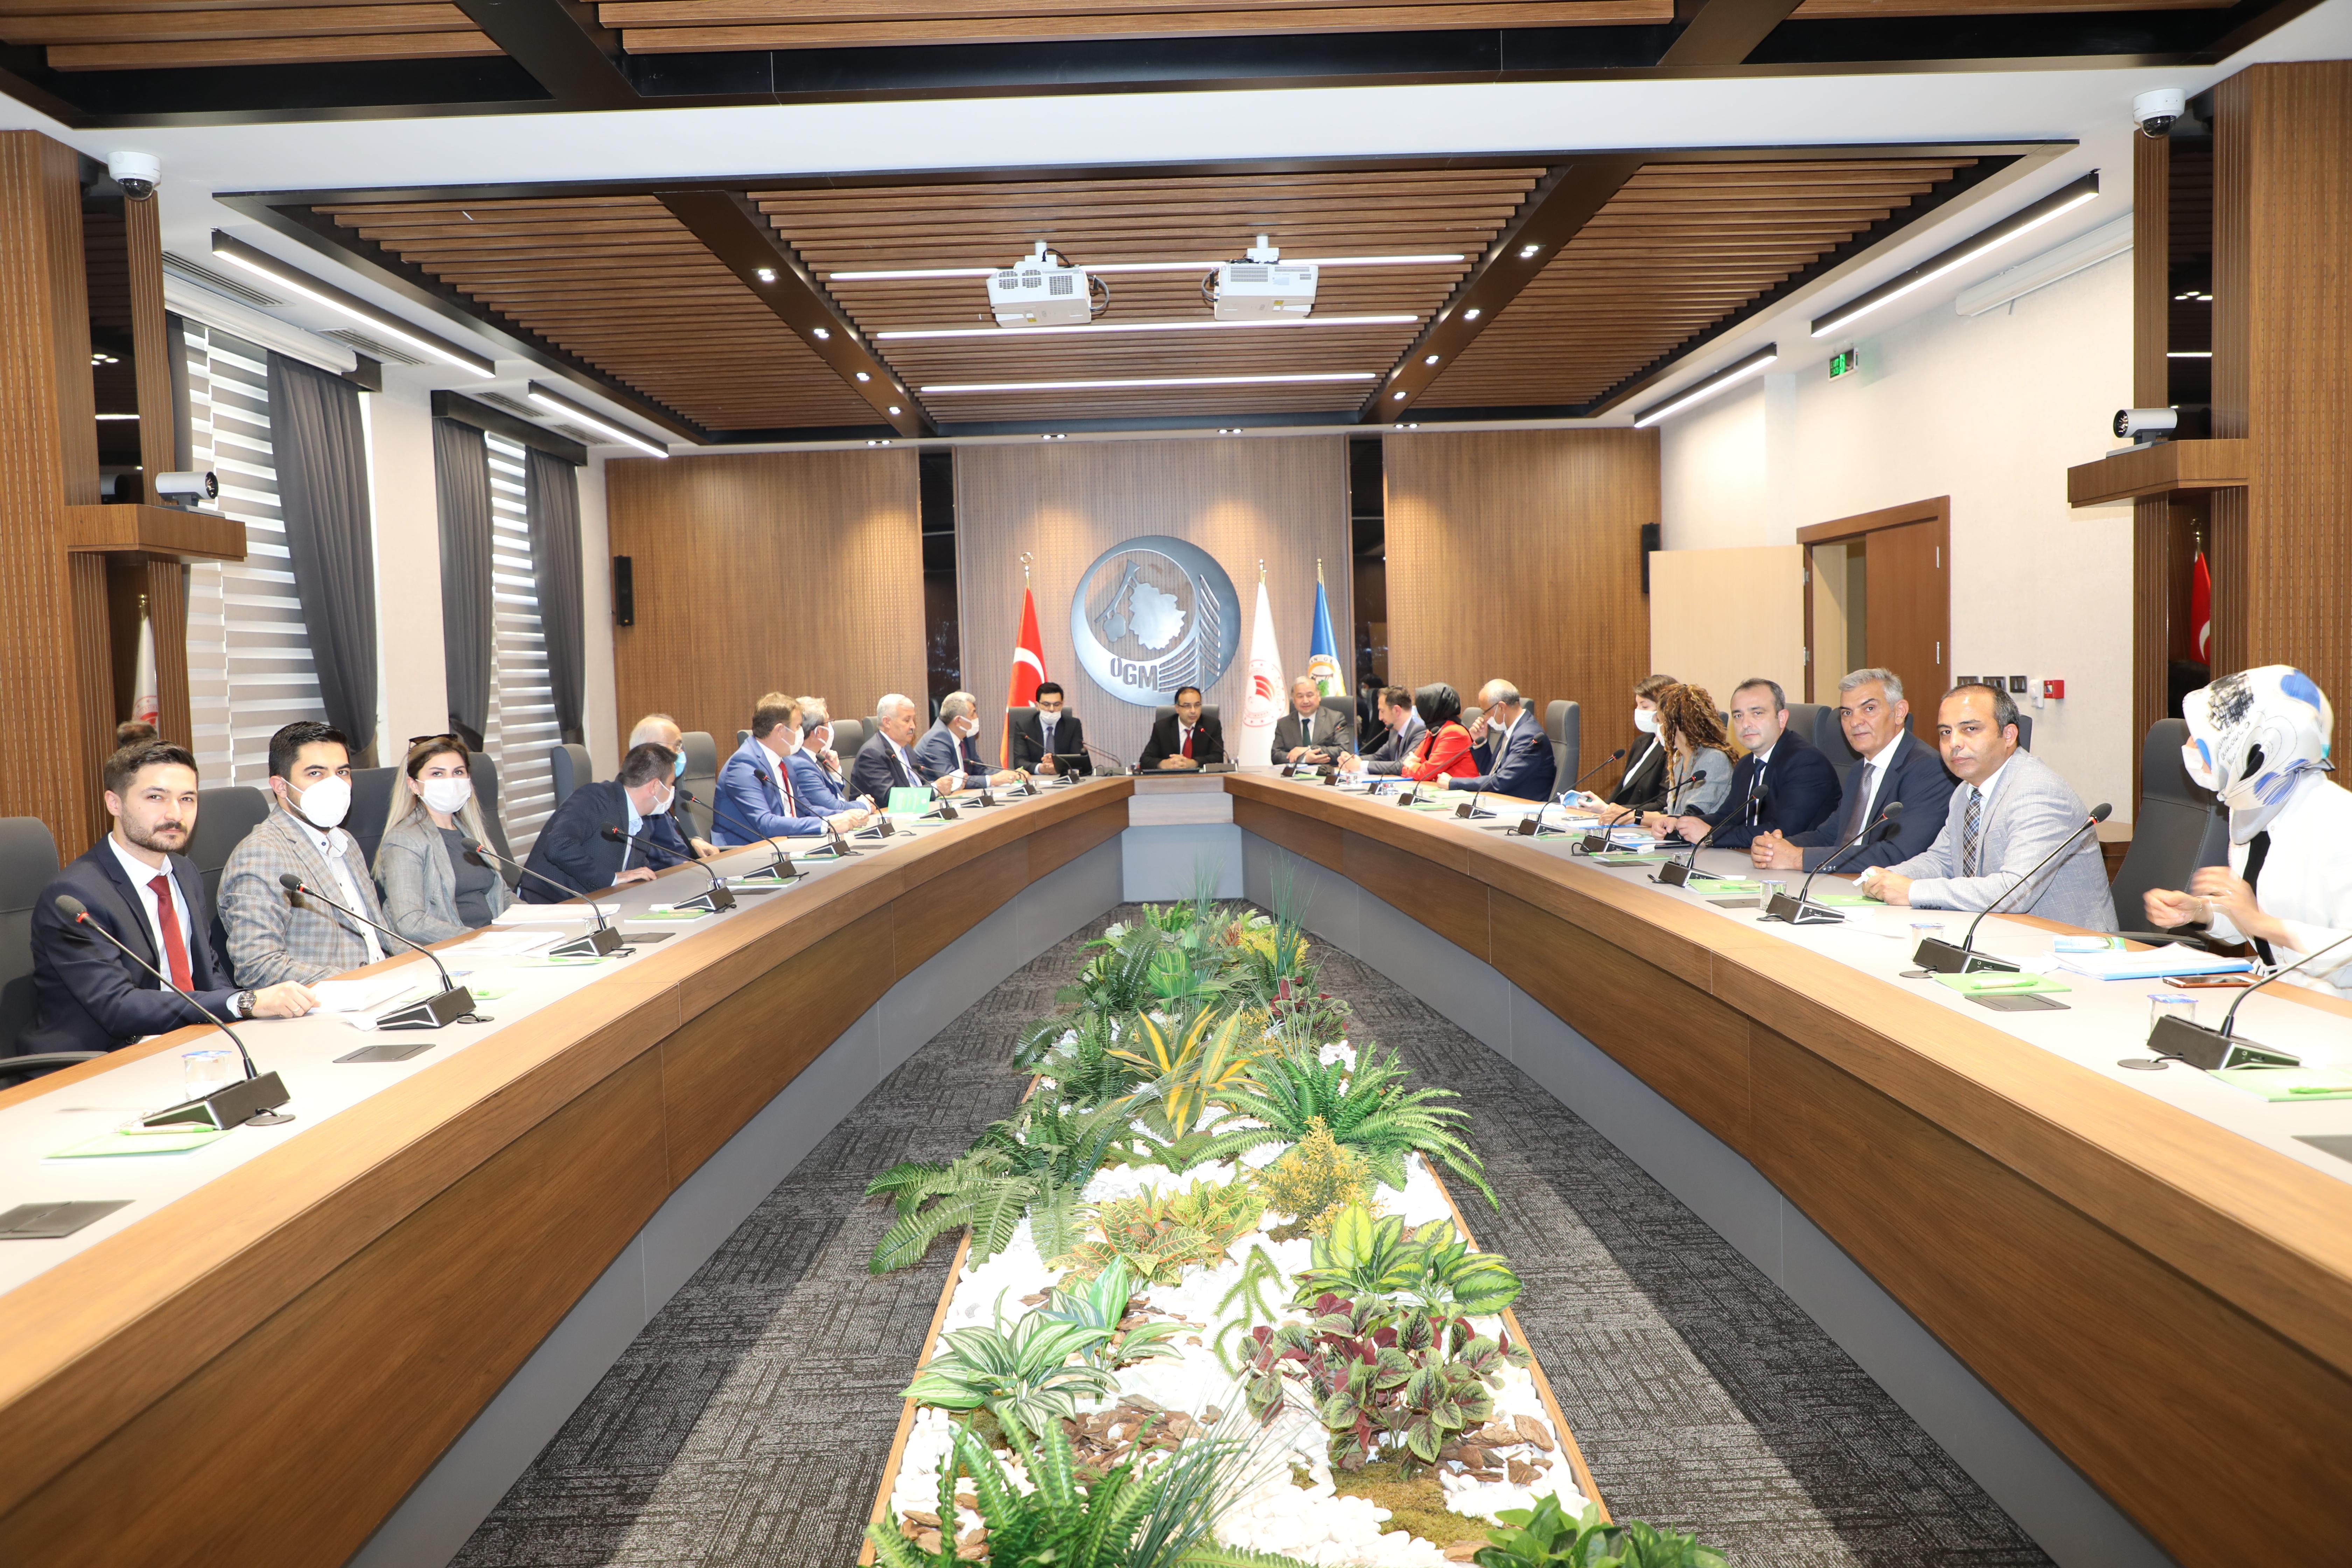 Tarım ve Orman Bakanlığı ile Orman Genel Müdürlüğü Toplu Sözleşme Görüşmeleri Başladı